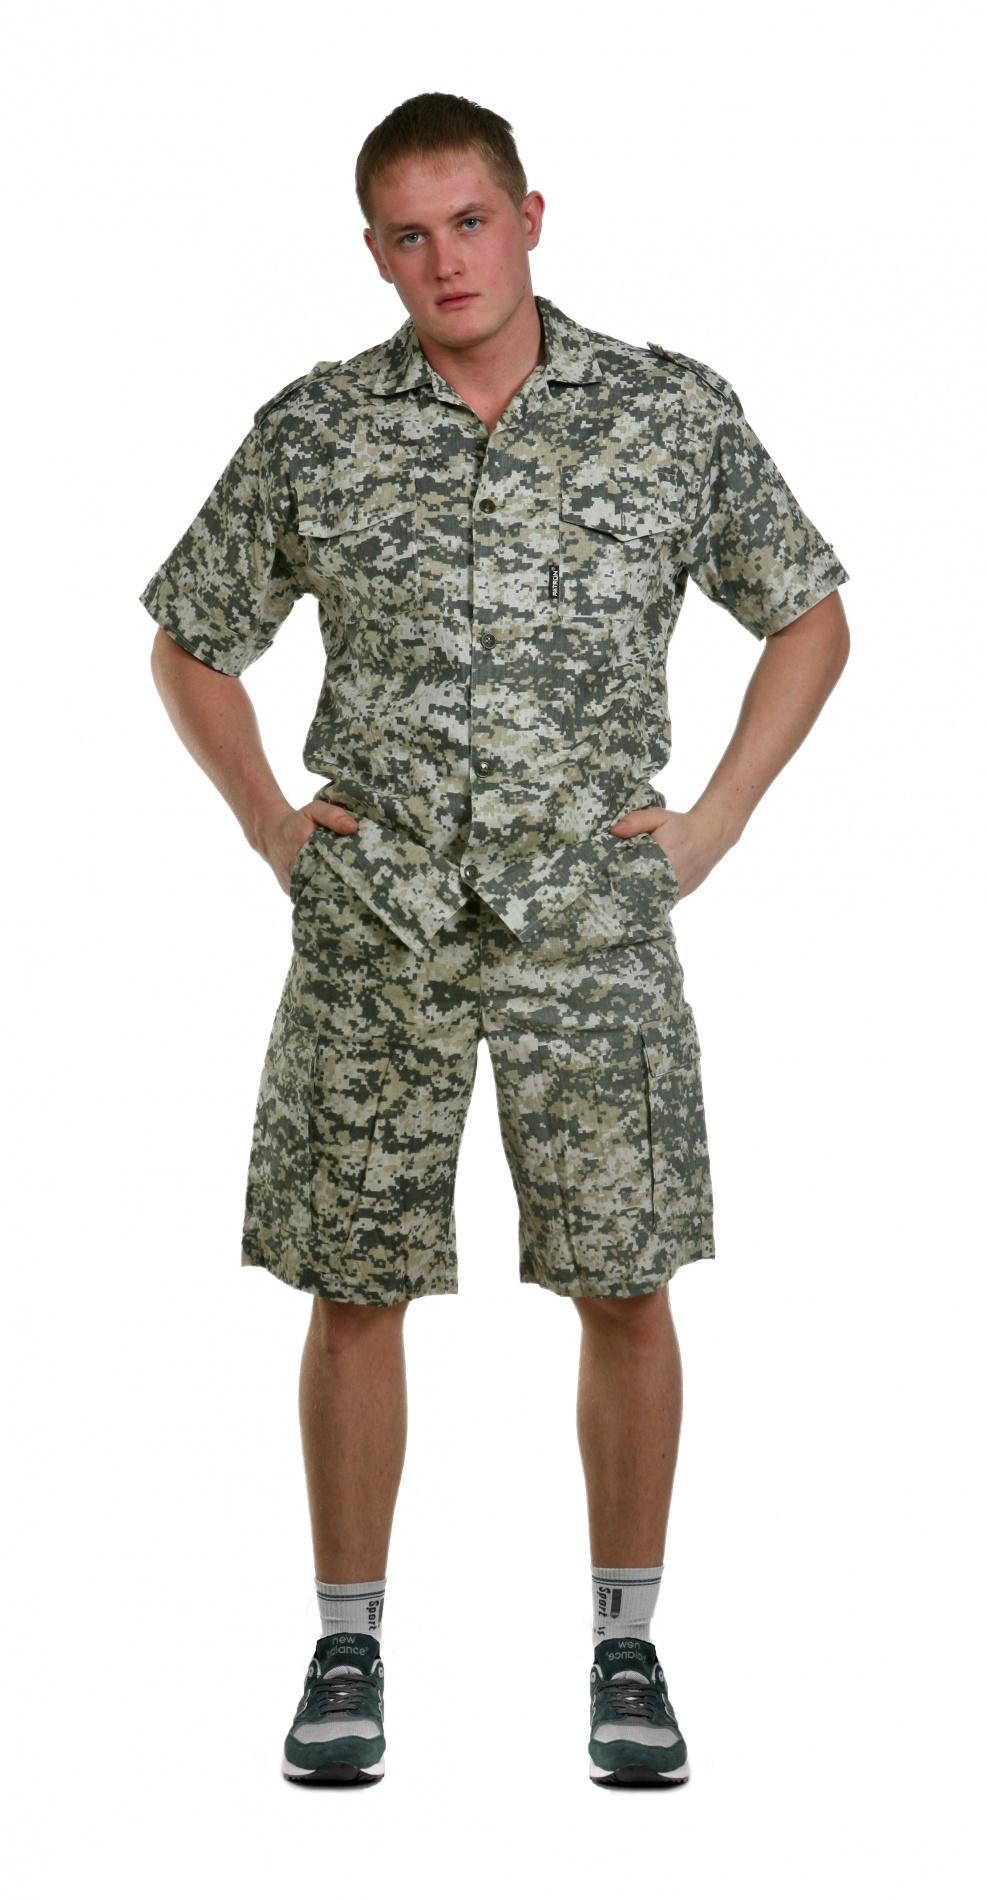 Шорты мужские Сафари 100% хлопок (48-50, 182-188)Шорты<br>Легкие мужские шорты для отдыха на природе. <br>Ткань 100% хлопок (бязь). Плотность 135г/кв.м. <br>5 карманов<br><br>Пол: мужской<br>Размер: 48-50<br>Рост: 182-188<br>Сезон: лето<br>Цвет: серый<br>Материал: хлопок